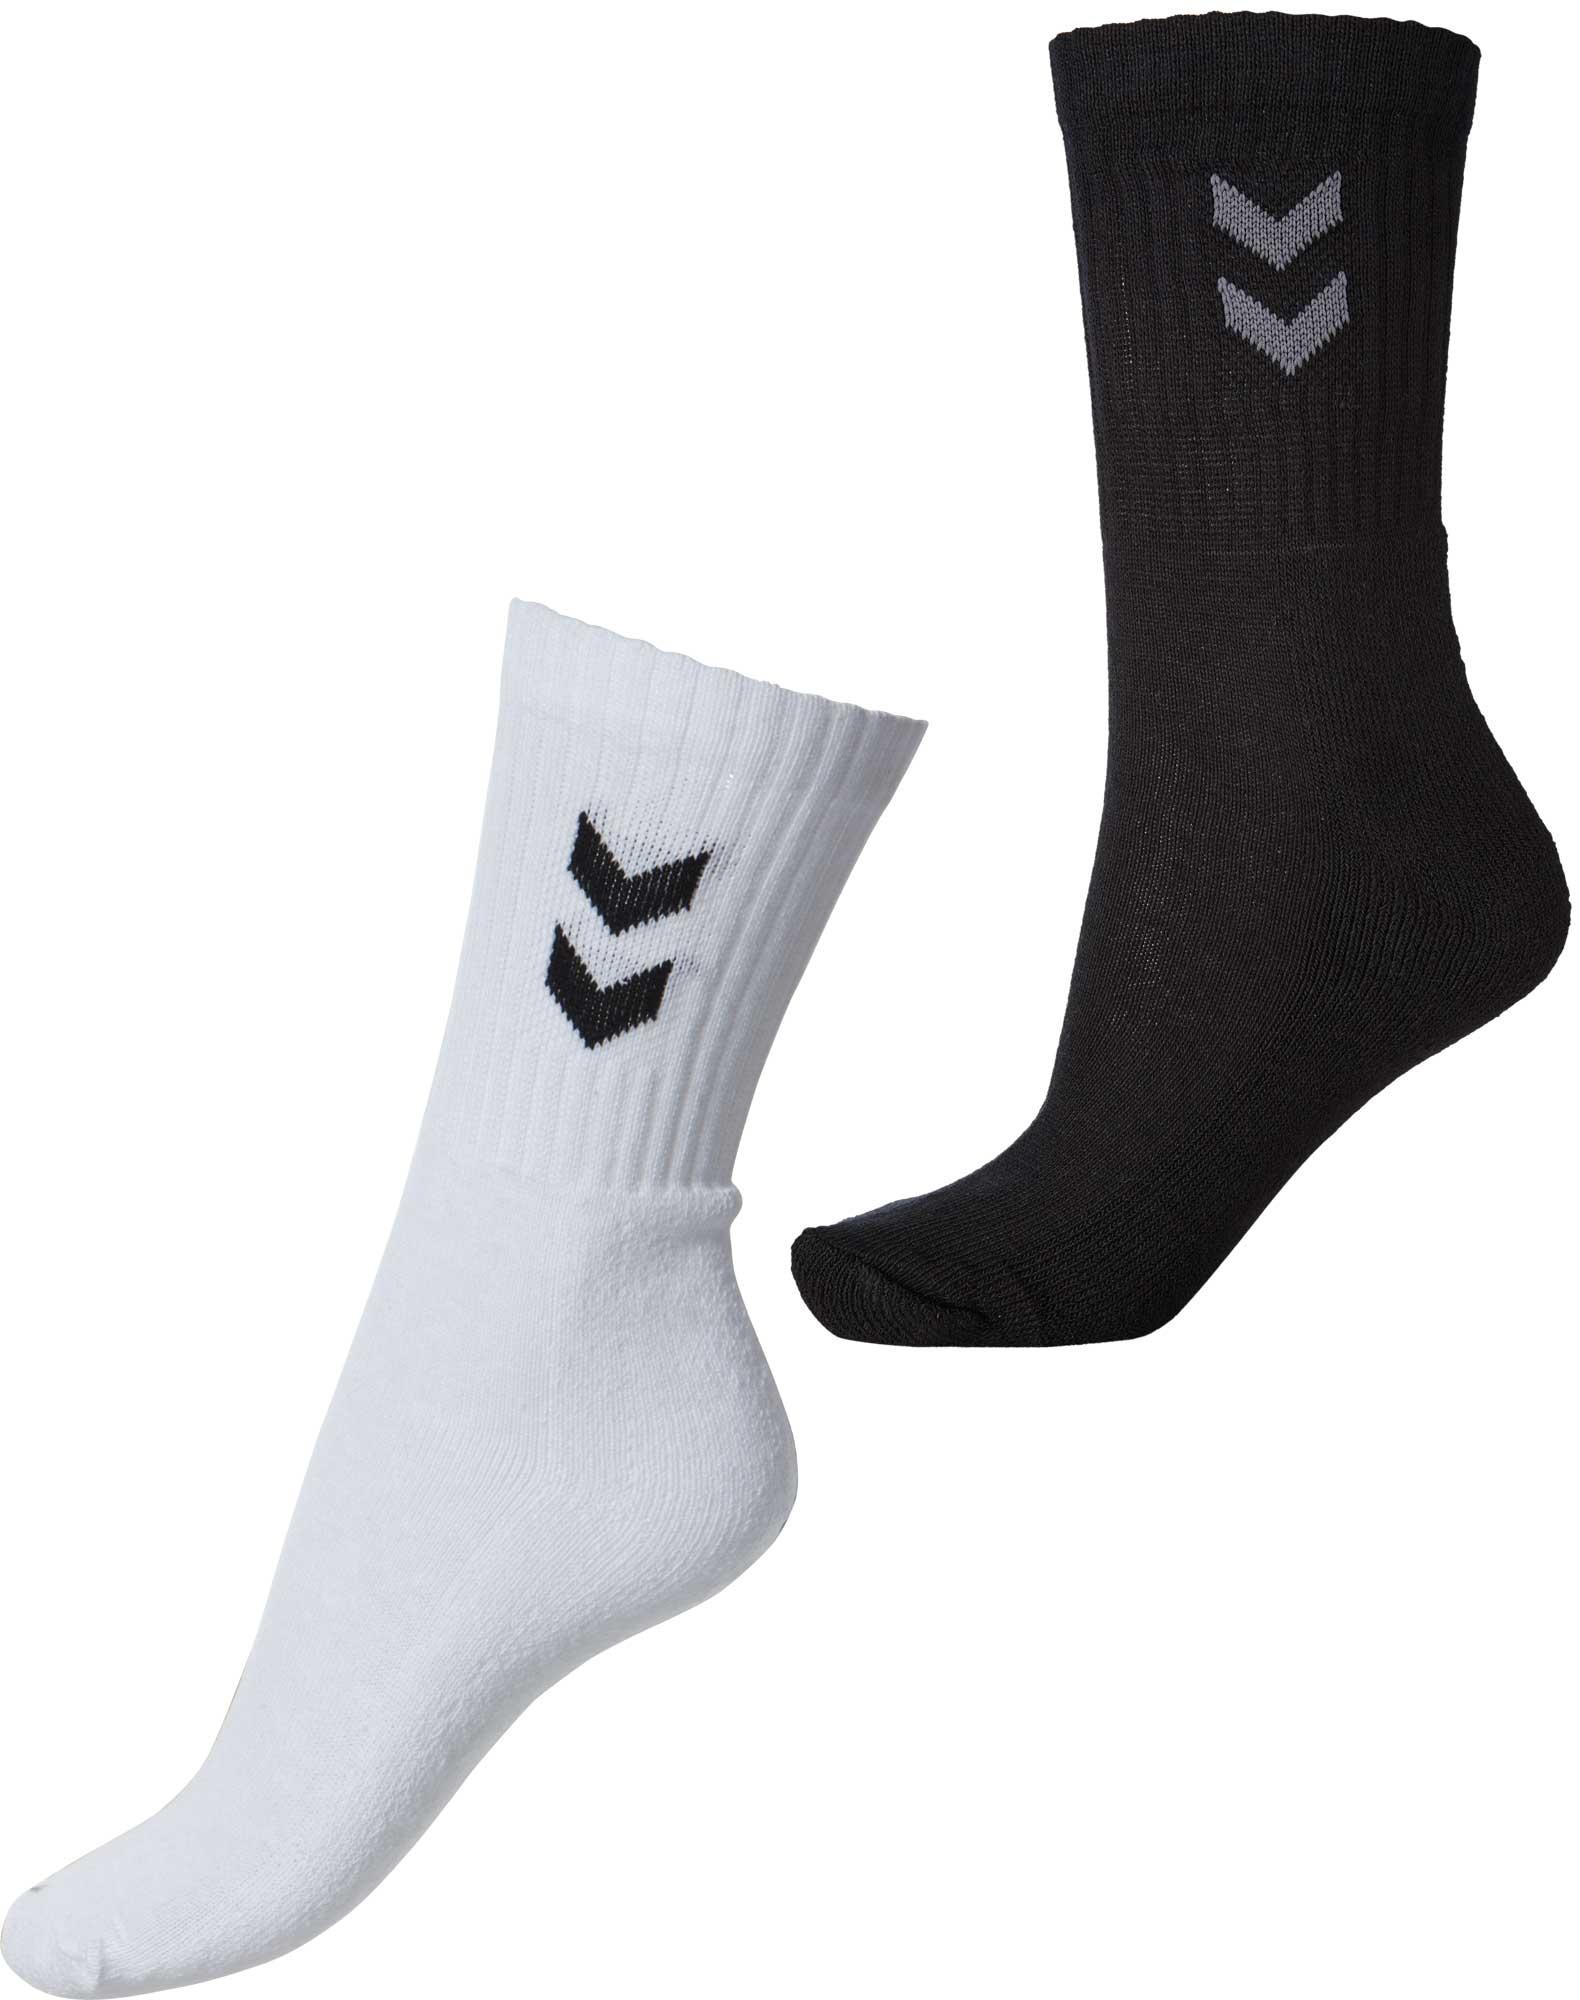 e0fd8768 Tilbud på kvalitets sokker fra Hummel, sort og hvid